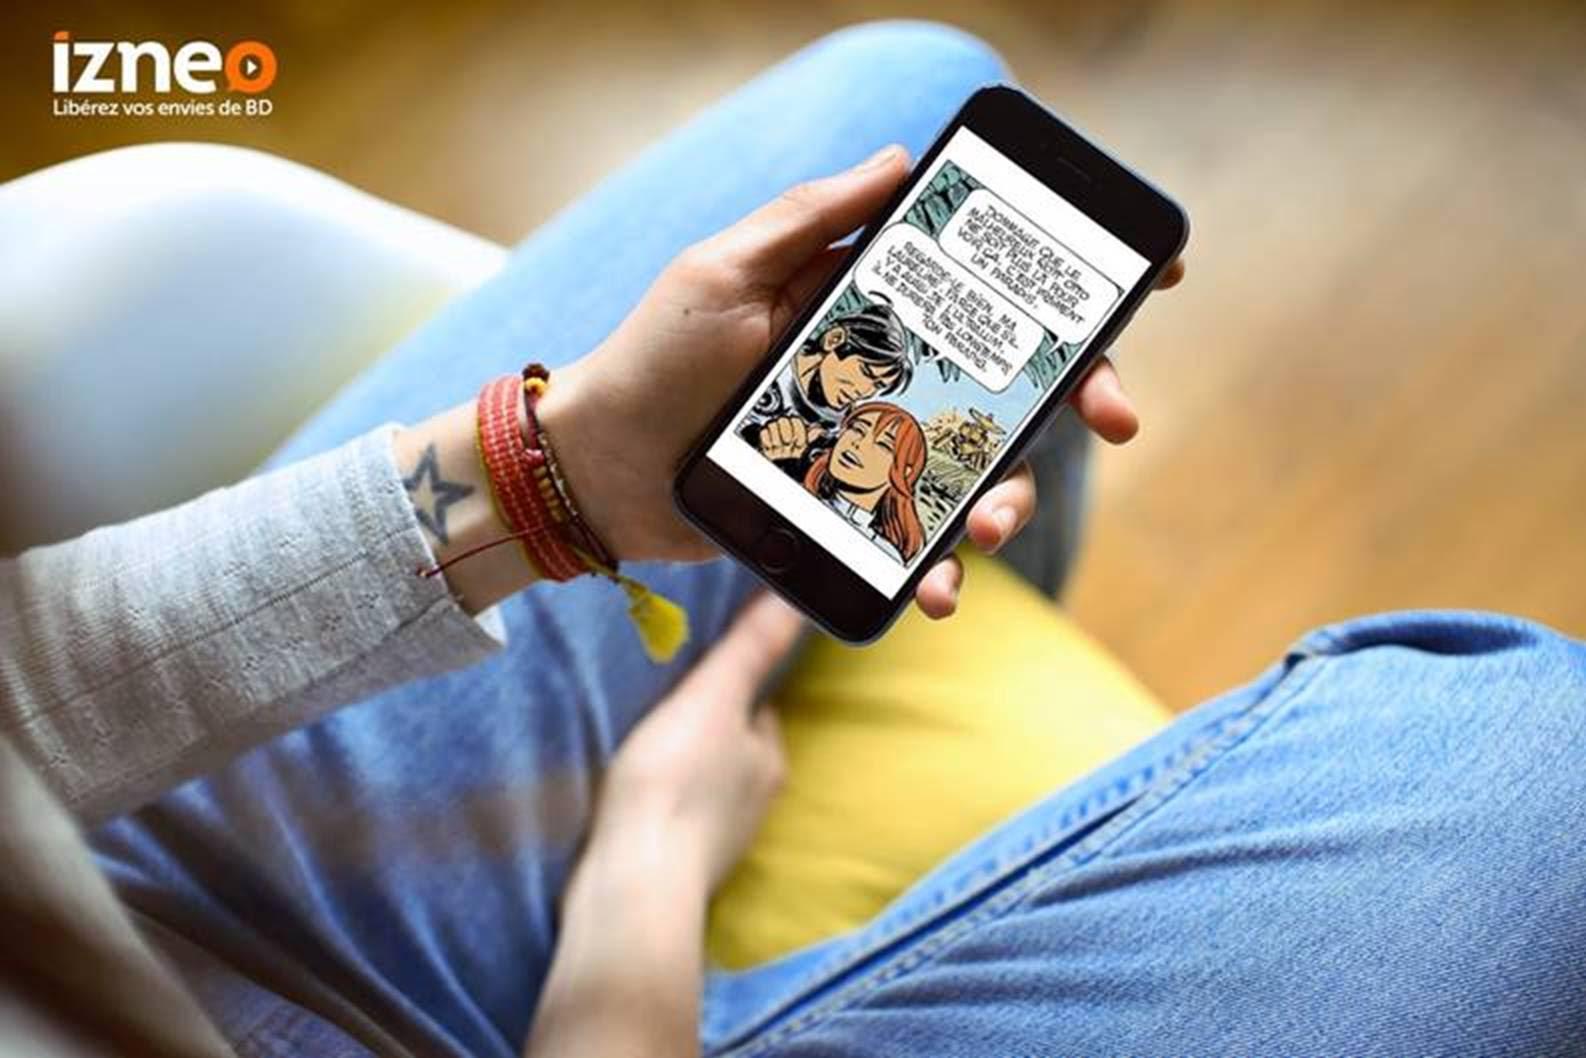 Izneo : le Netflix de la BD veut adapter la lecture à nos smartphones